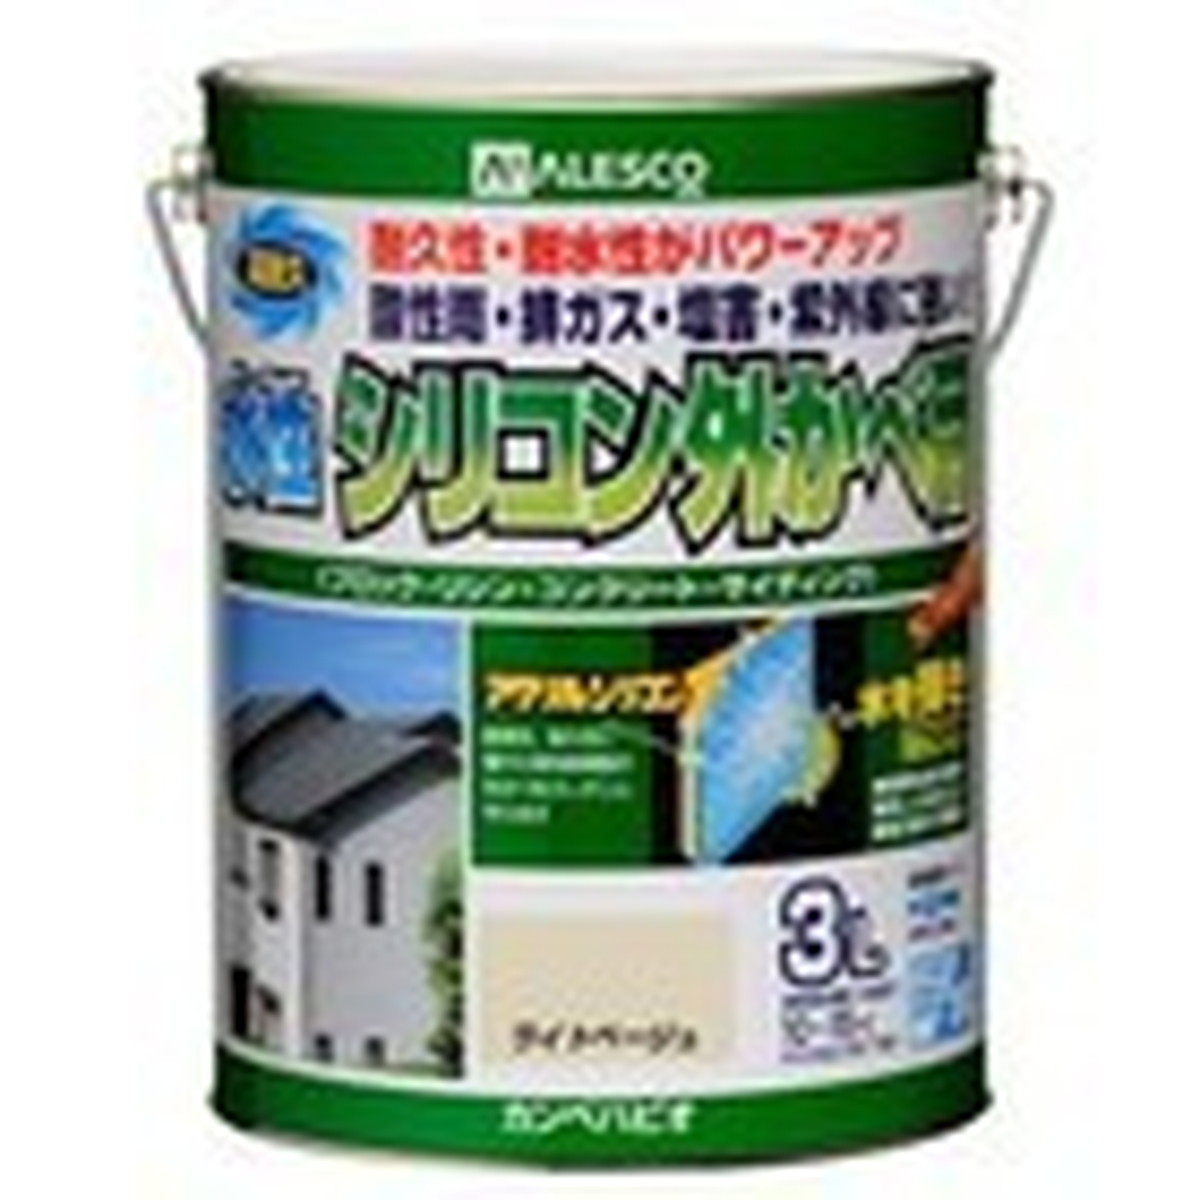 カンペハピオ 水性シリコン外かべ用 ライトベージュ 3L【クーポン配布中】